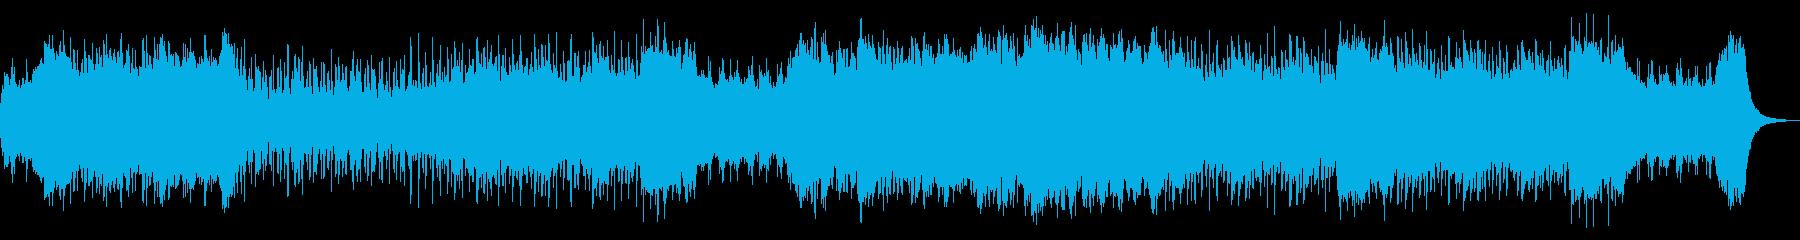 コミカル可愛いゴシックホラーハロウィンの再生済みの波形